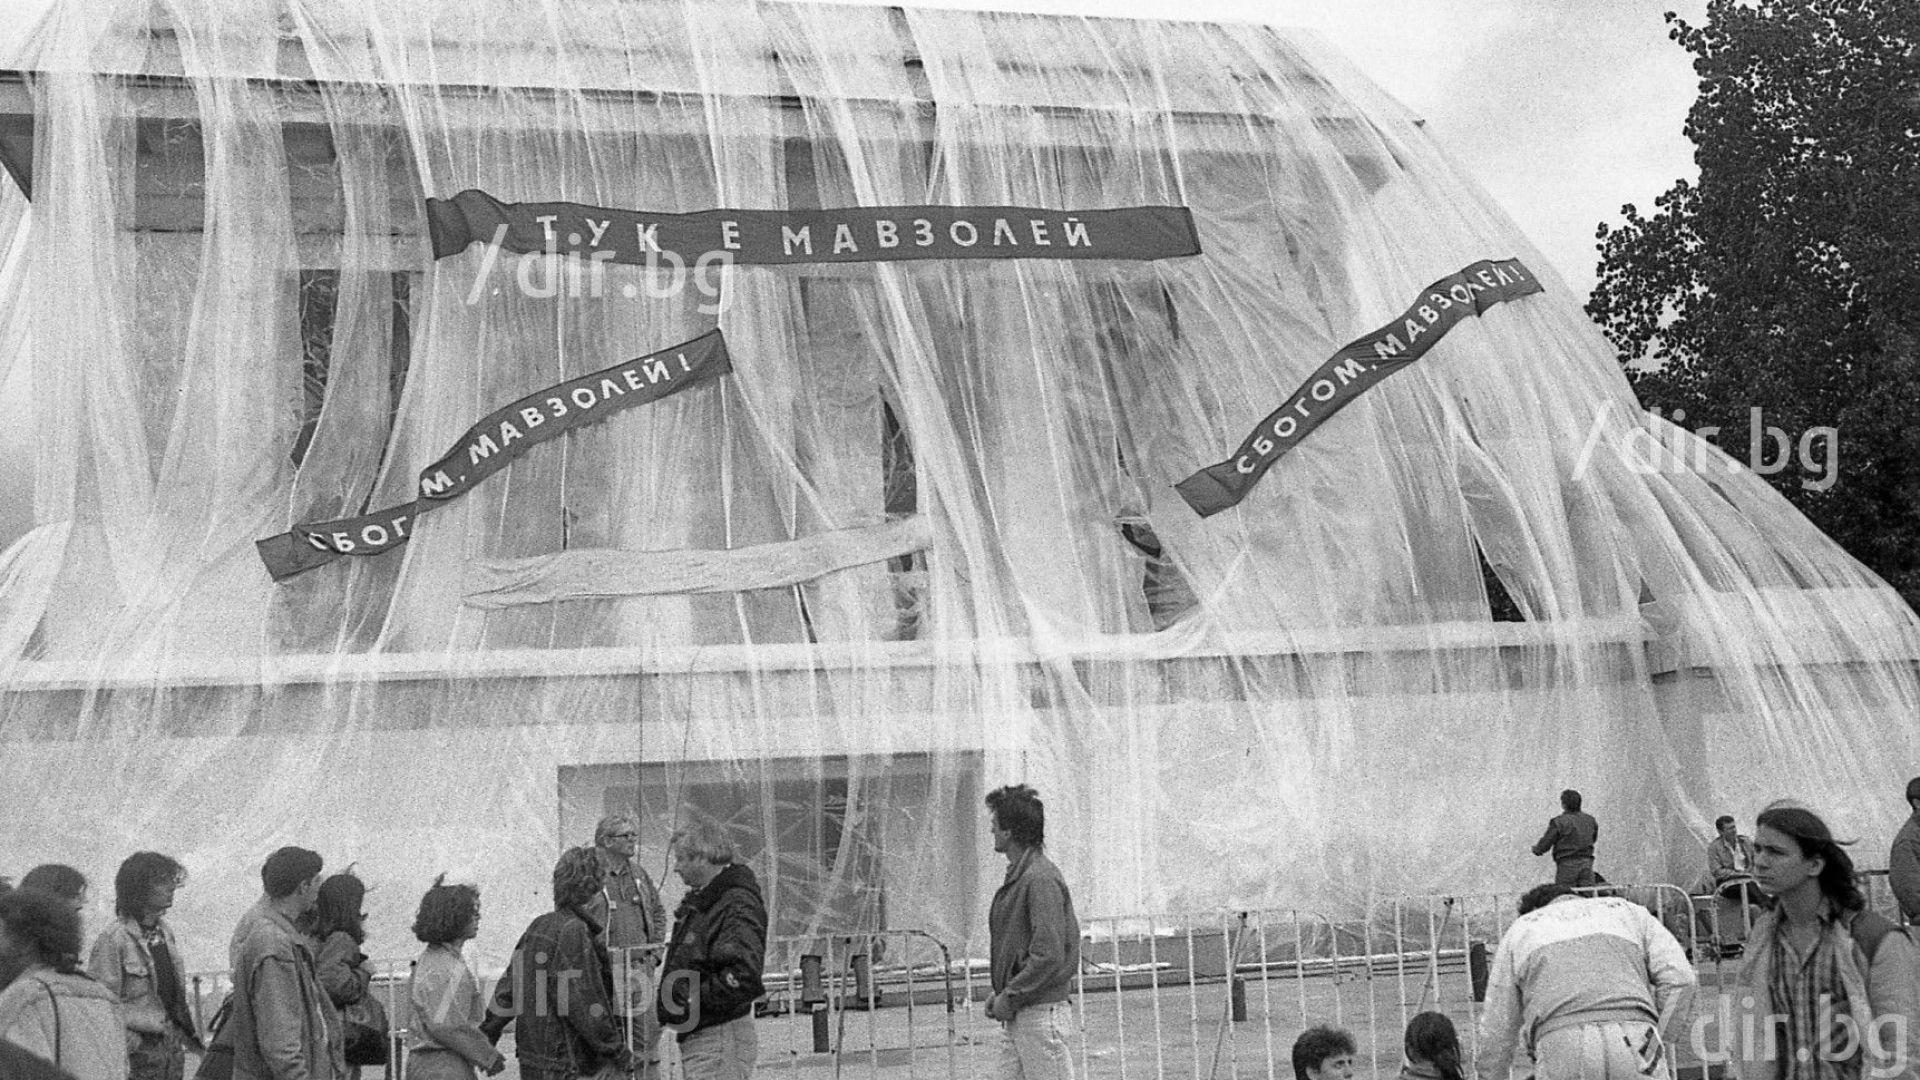 20 години от събарянето на Мавзолея: Уникални кадри на Иван Григоров